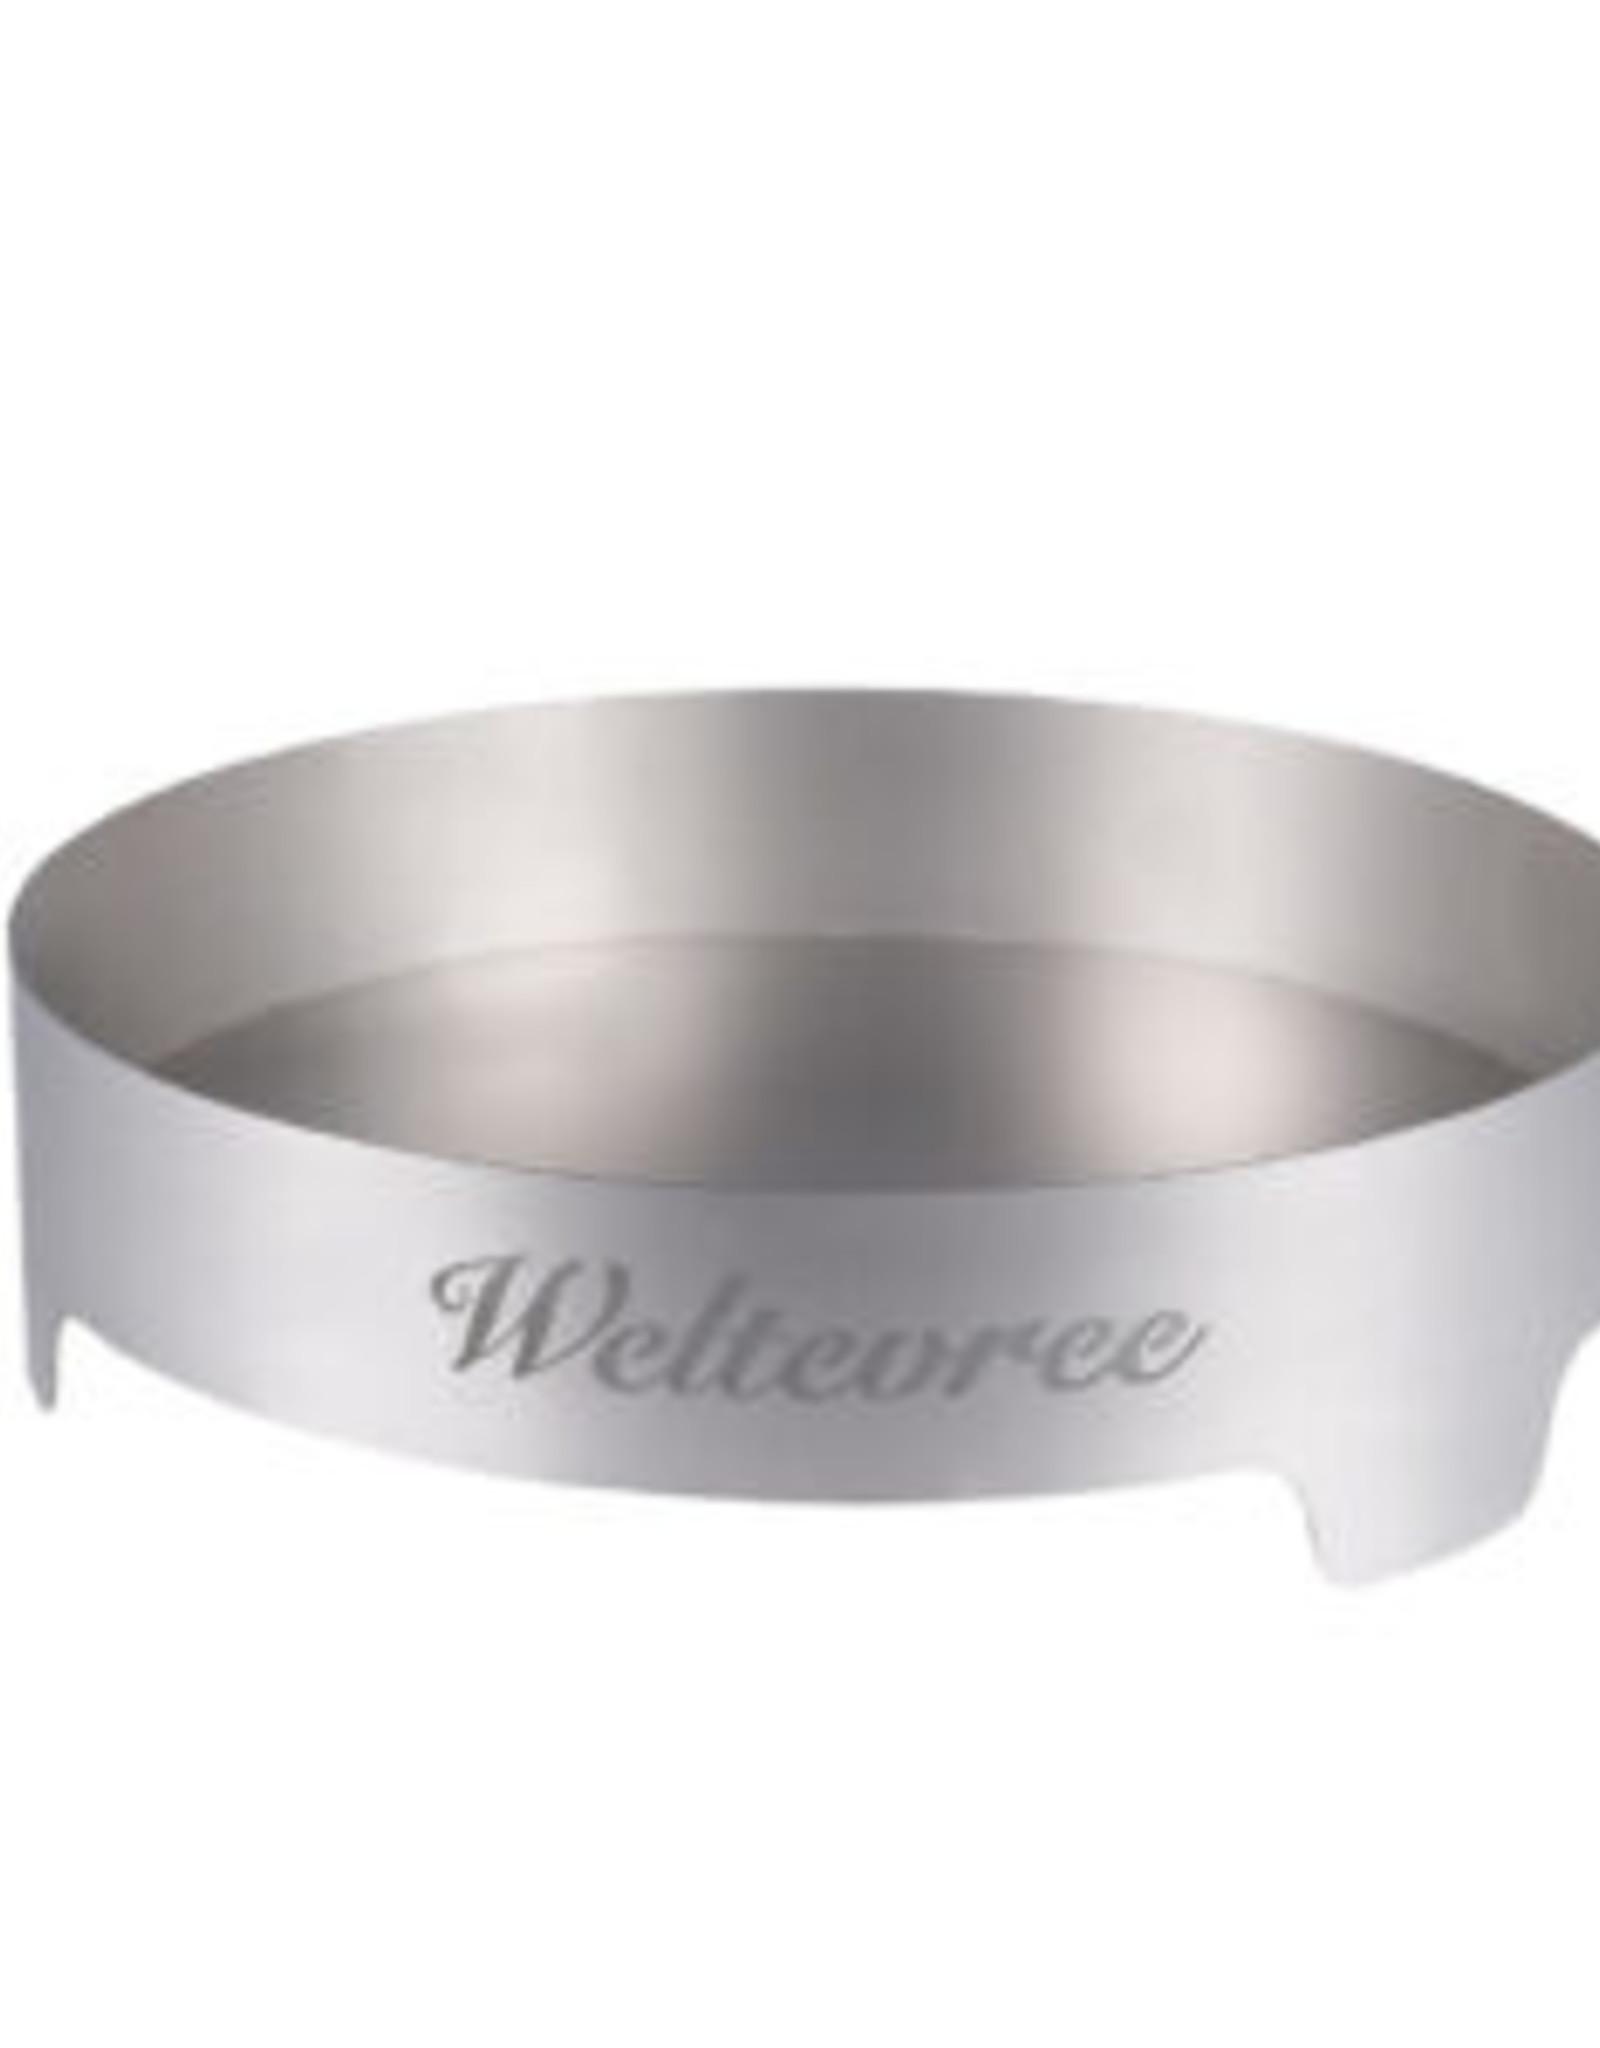 Weltevree Weltevree Asbak voor Dutchtub Original / Wood - zilver